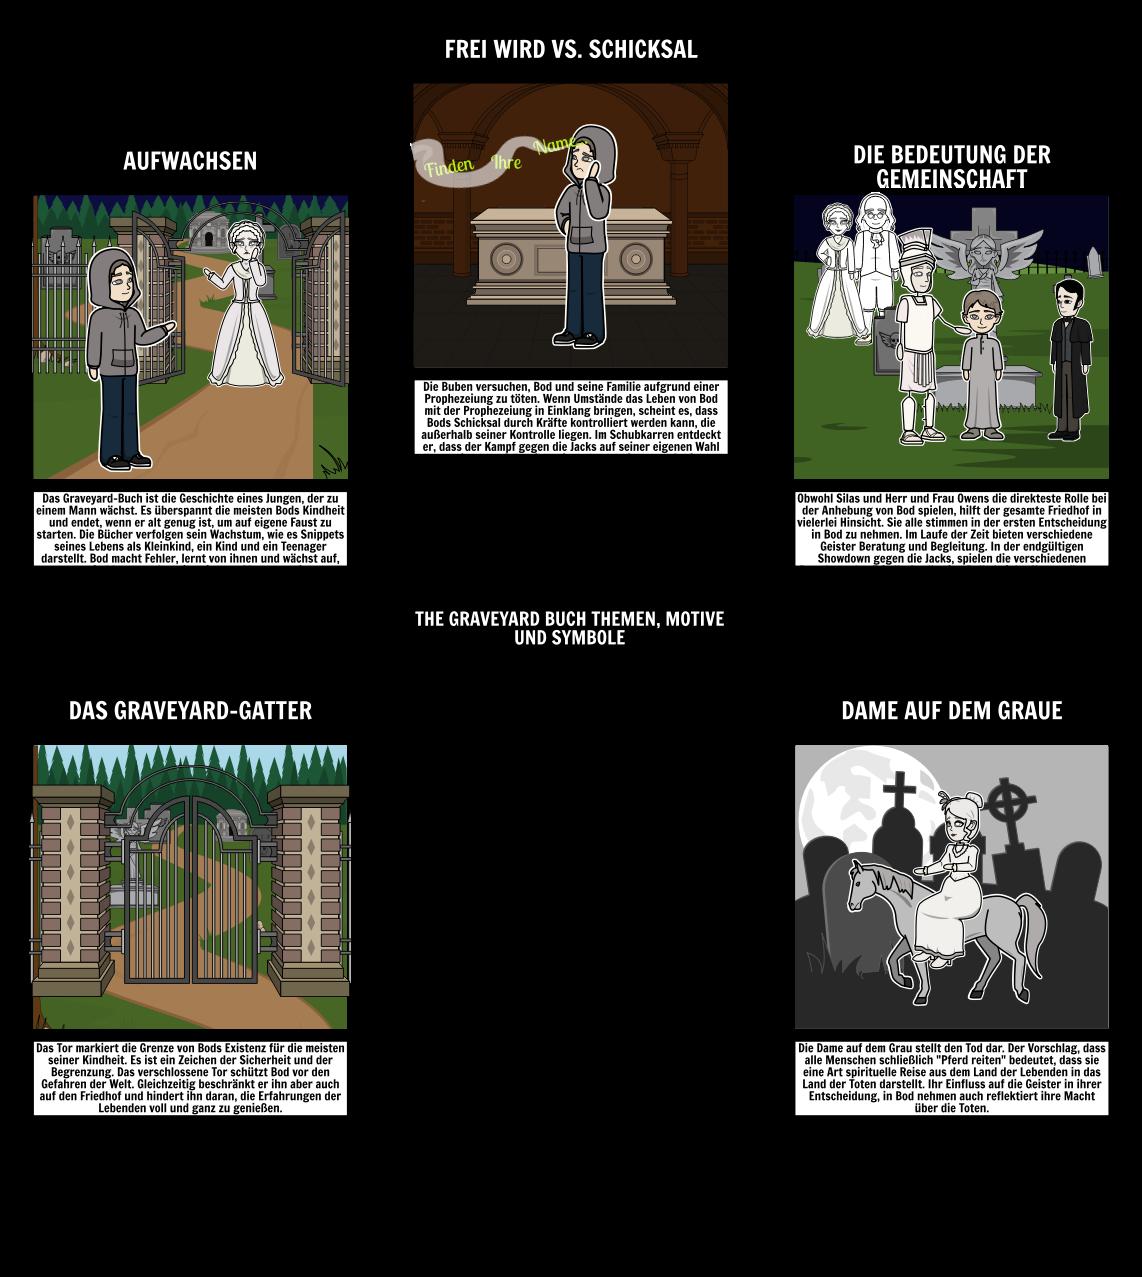 Die Friedhofsbuchthemen, Motive und Symbole